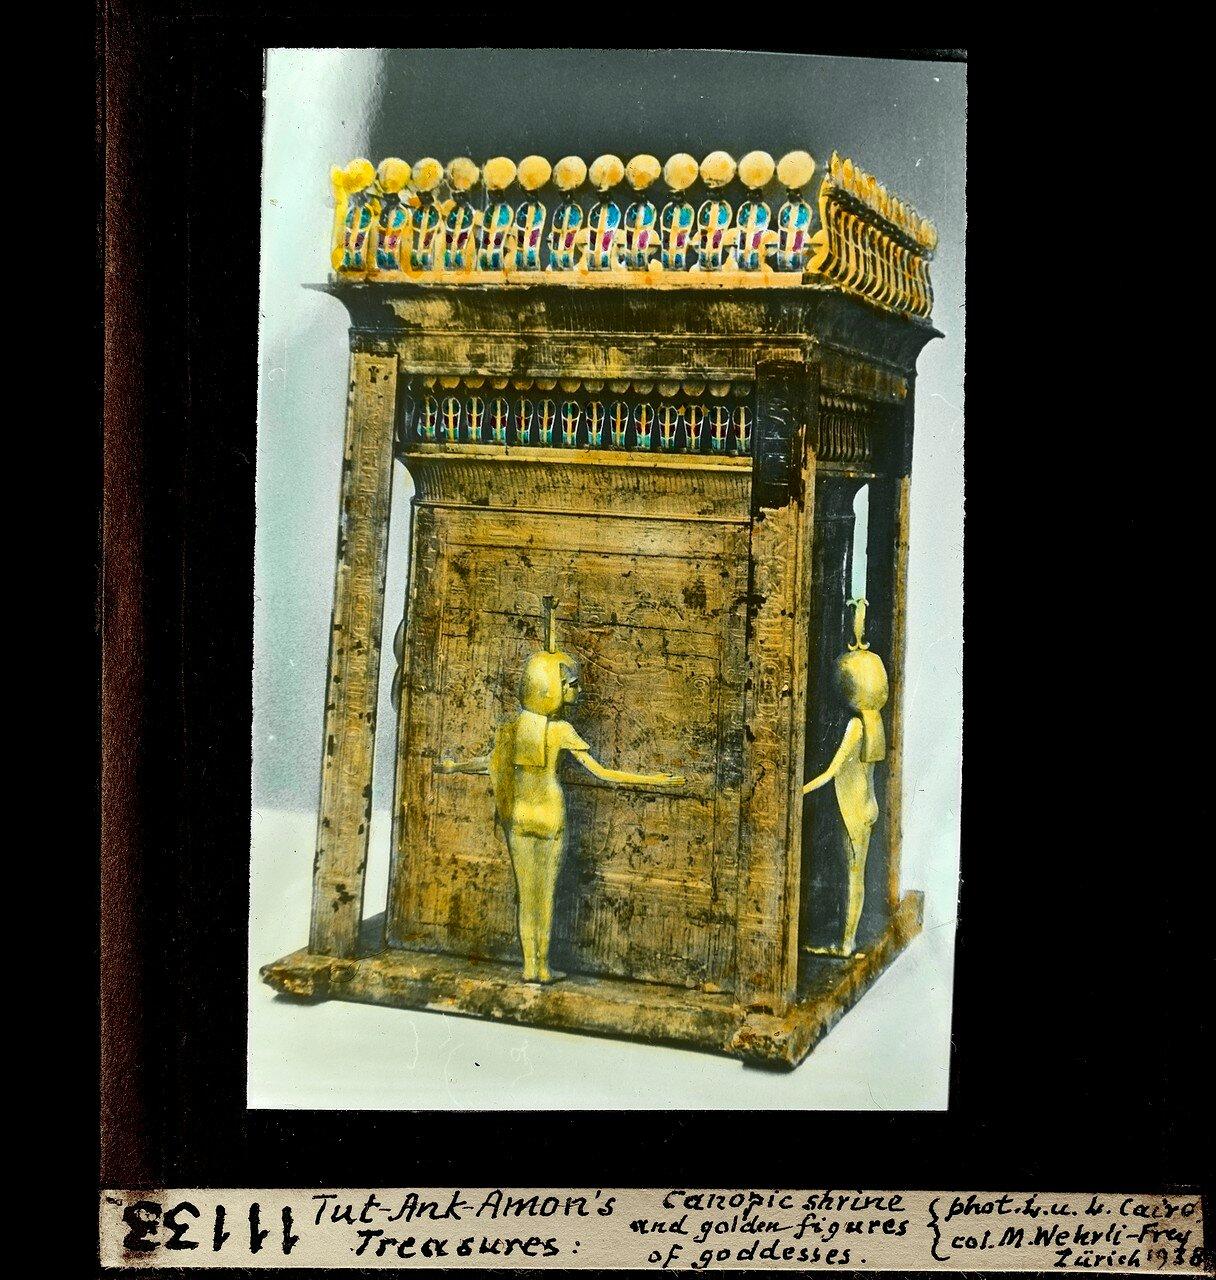 Ящик для каноп и золотые фигуры богинь: Исиды, Нефтиды, Мут и Нейт